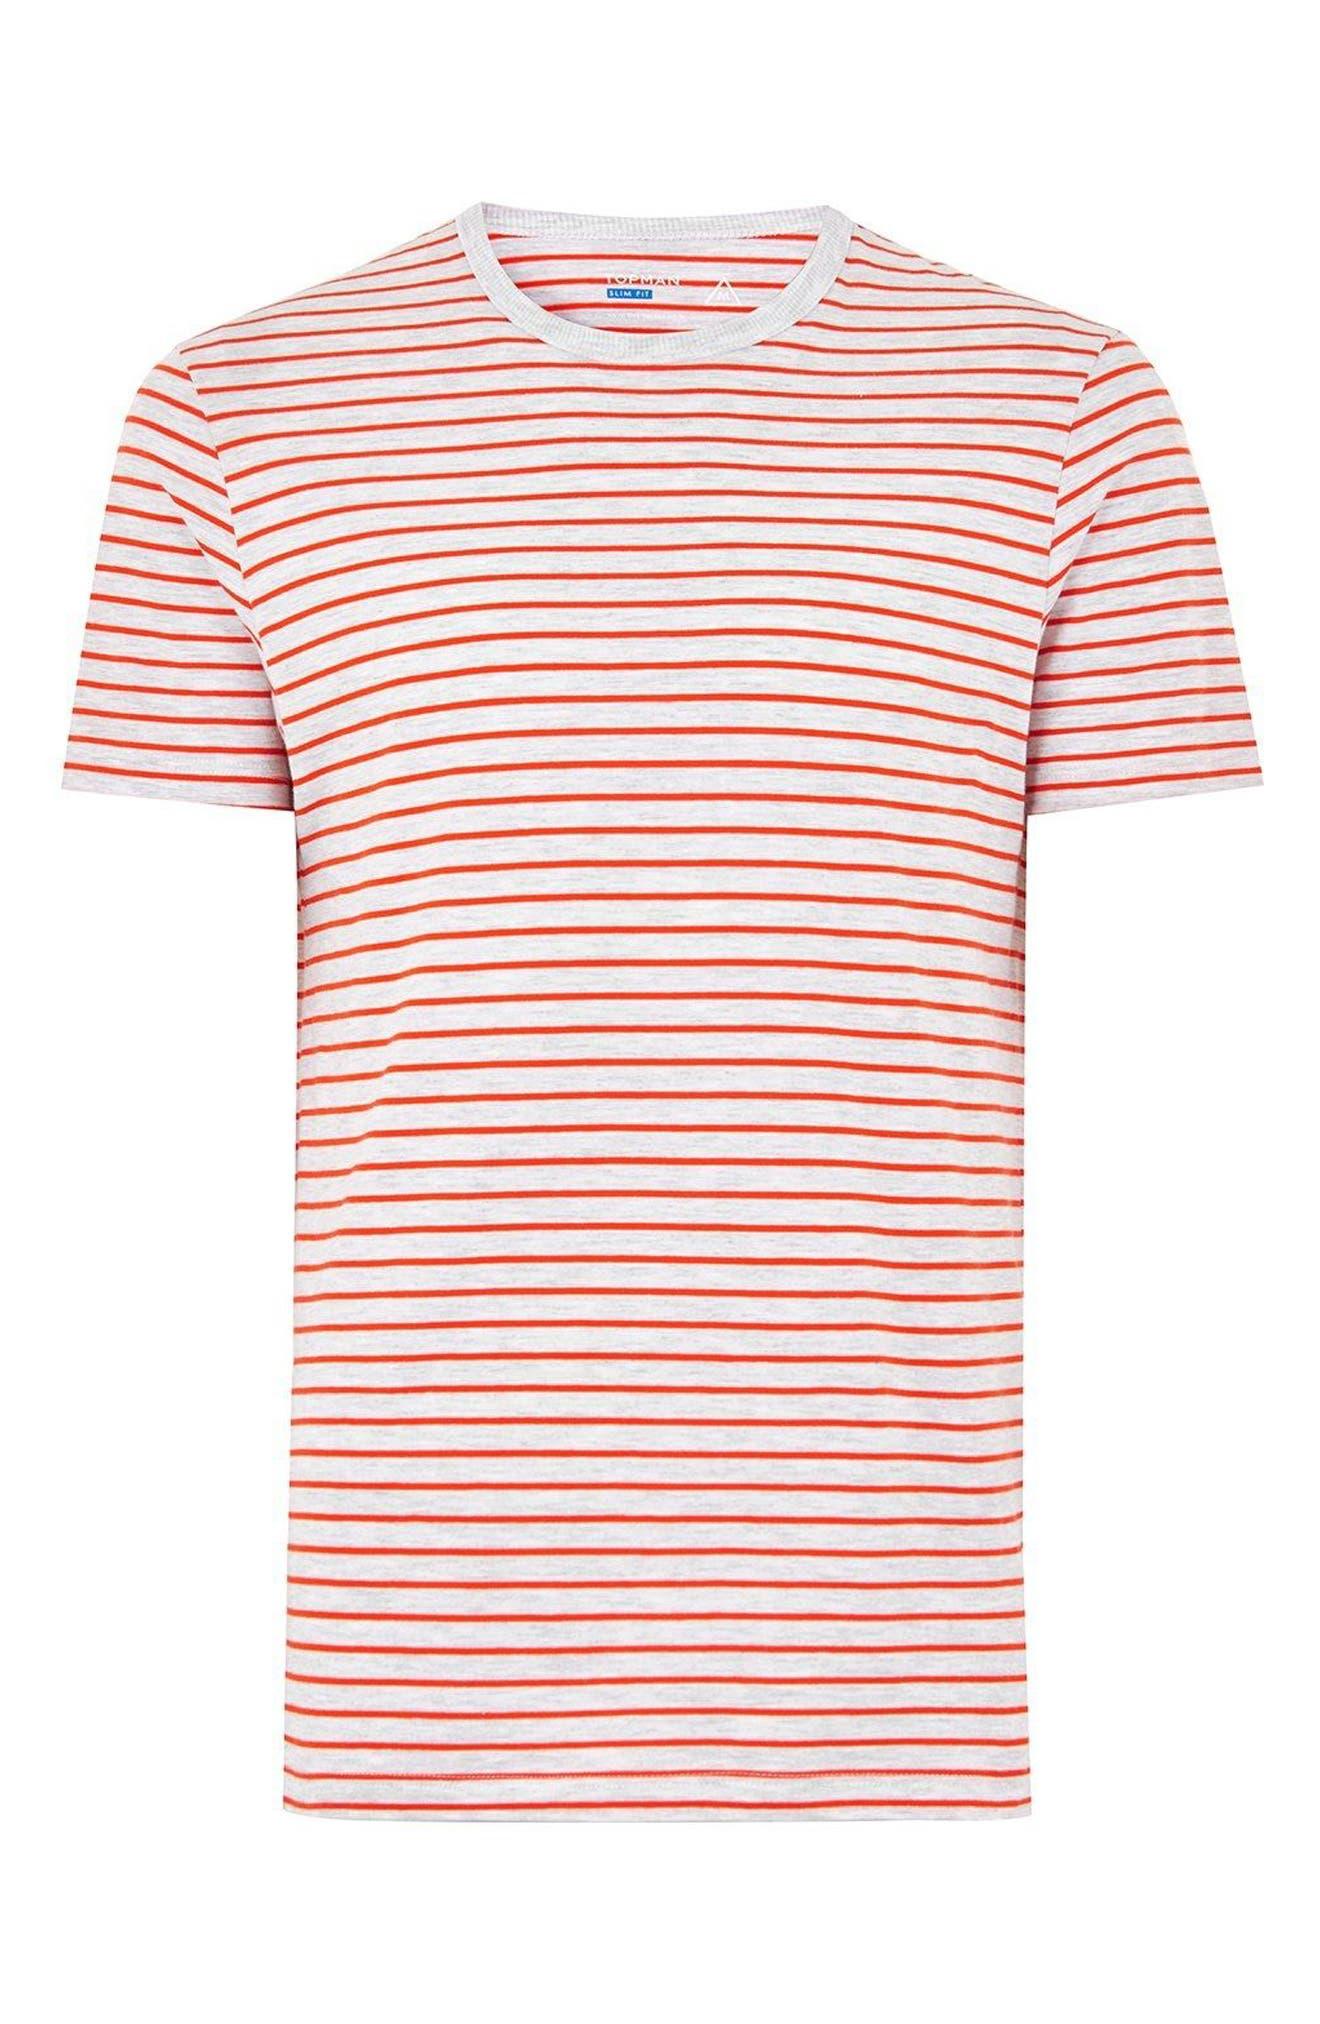 Stripe T-Shirt,                             Alternate thumbnail 4, color,                             ORANGE MULTI